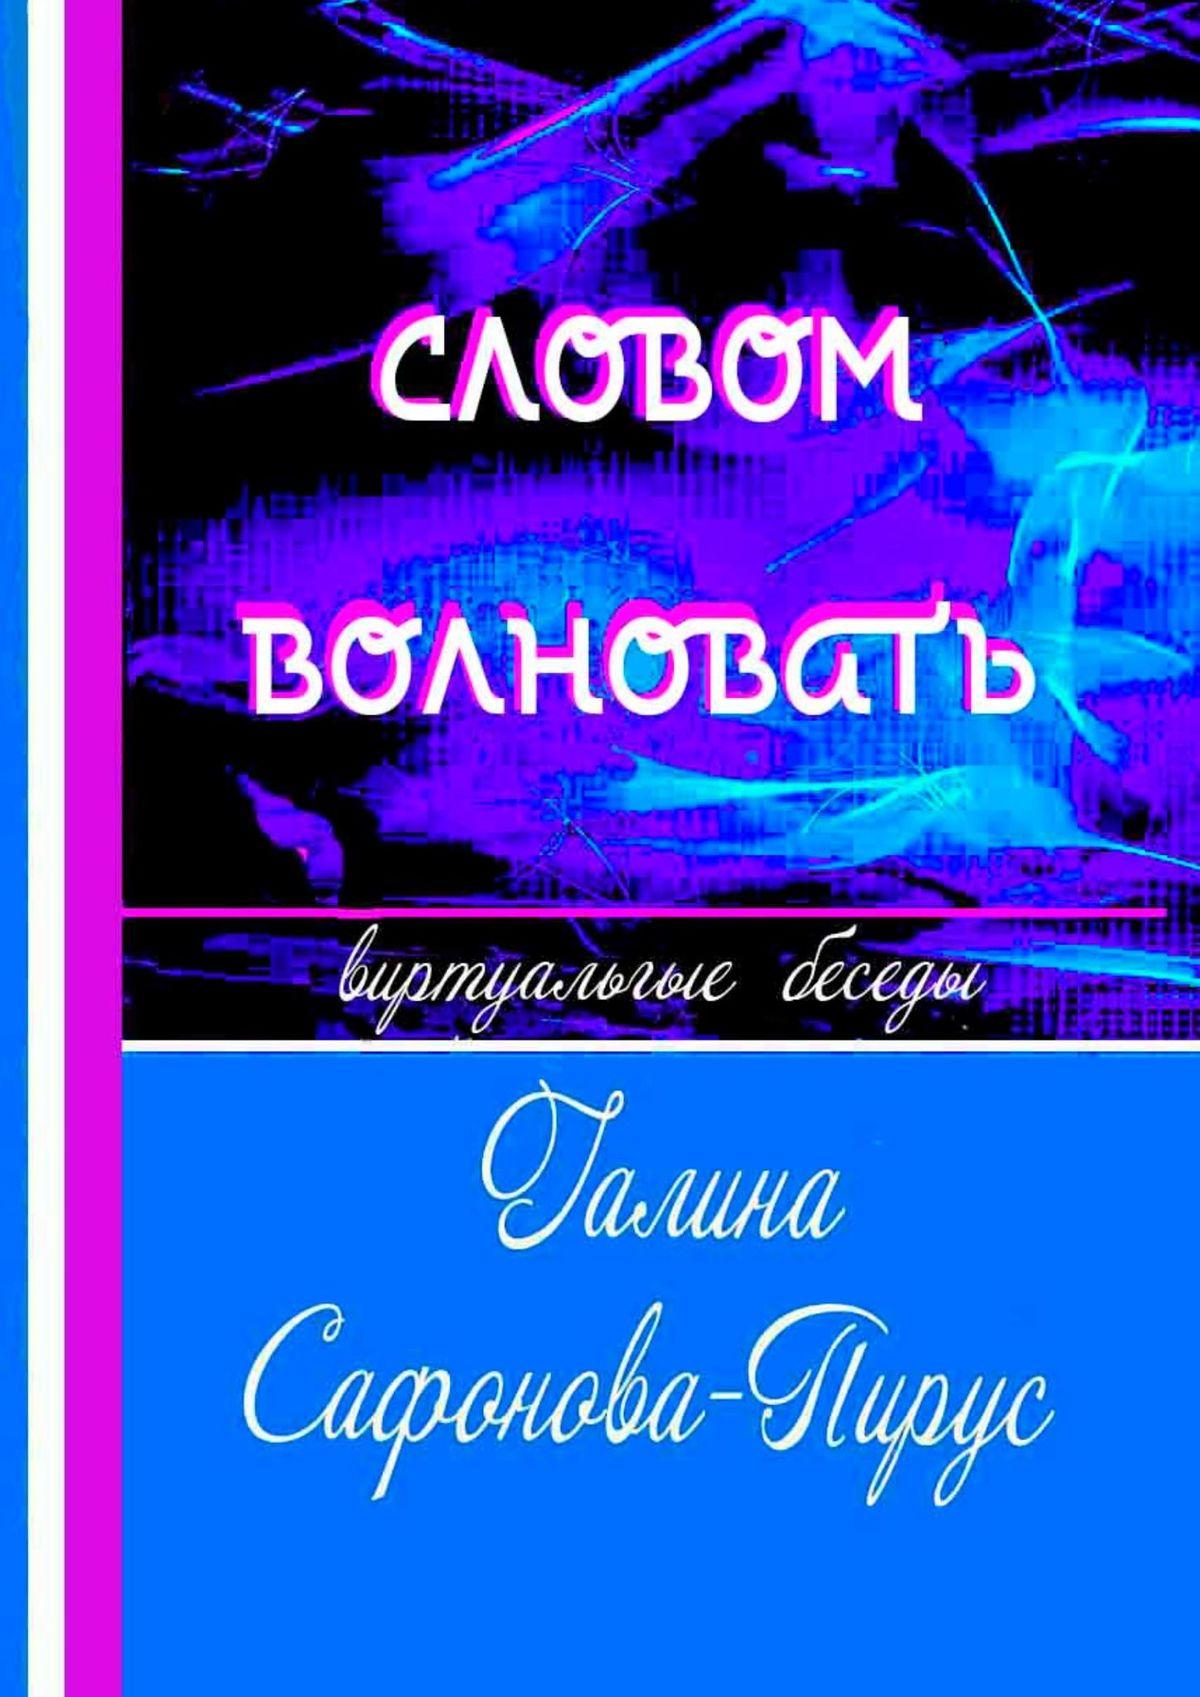 Галина Сафонова-Пирус Словом волновать. Виртуальные беседы